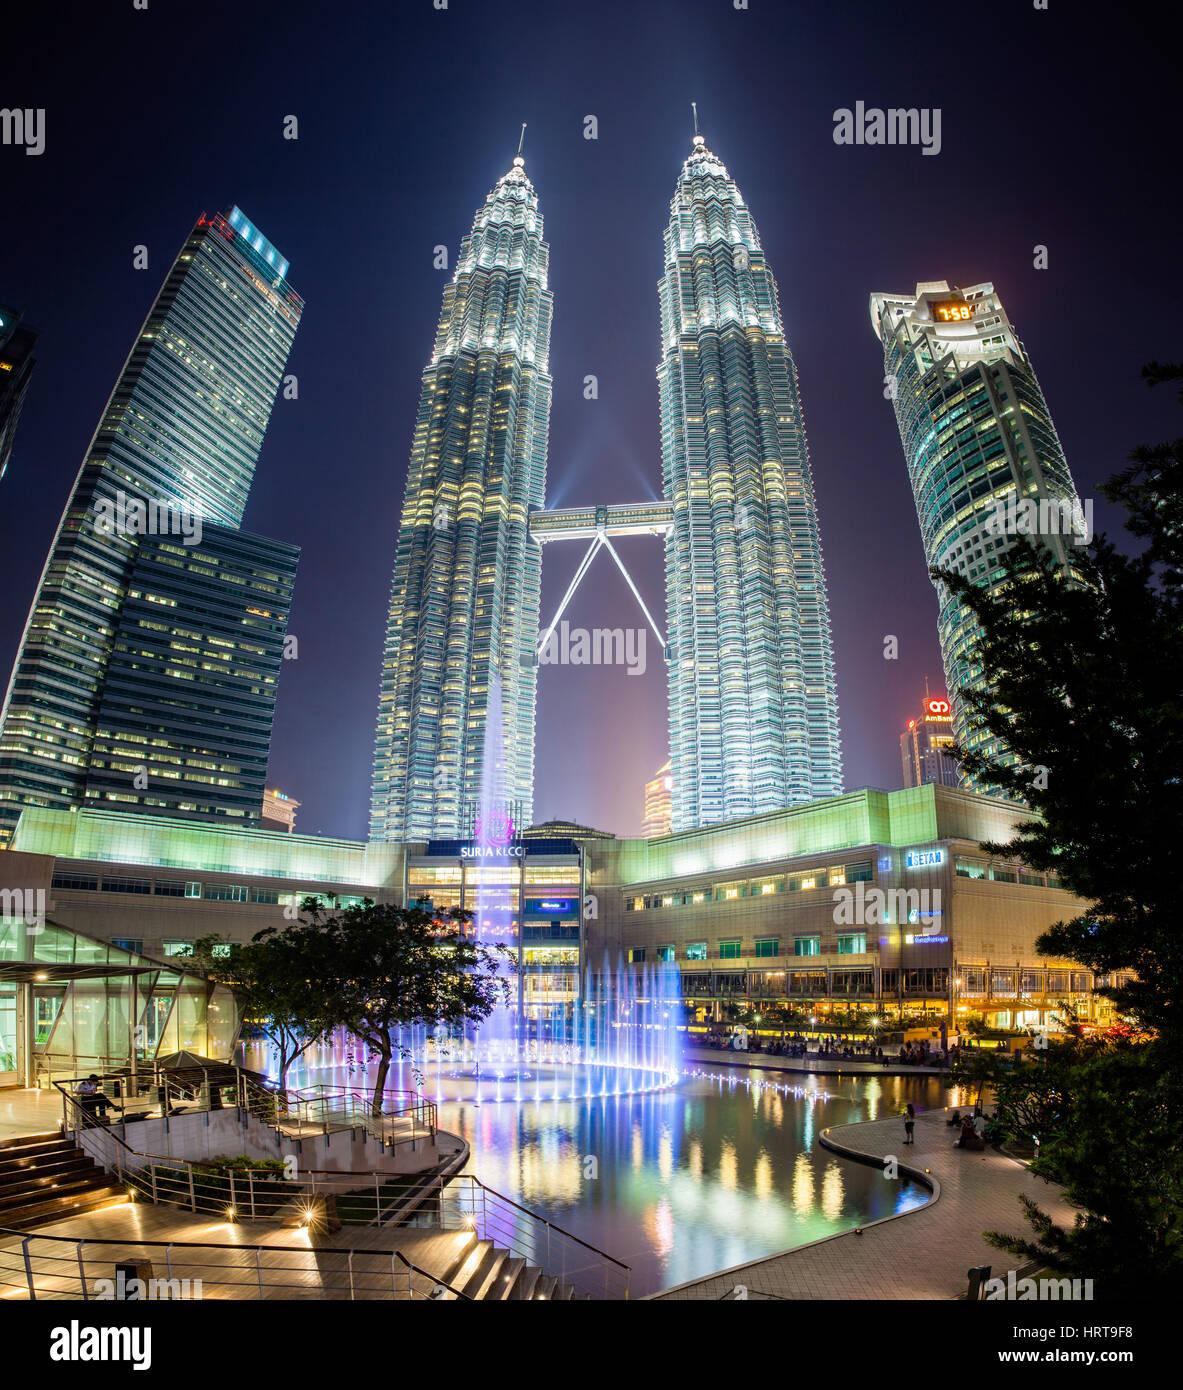 Kuala Lumpur, Malaisie - 24 juillet 2014: spectacle de fontaine de nuit en face de Tours Jumelles Petronas Photo Stock